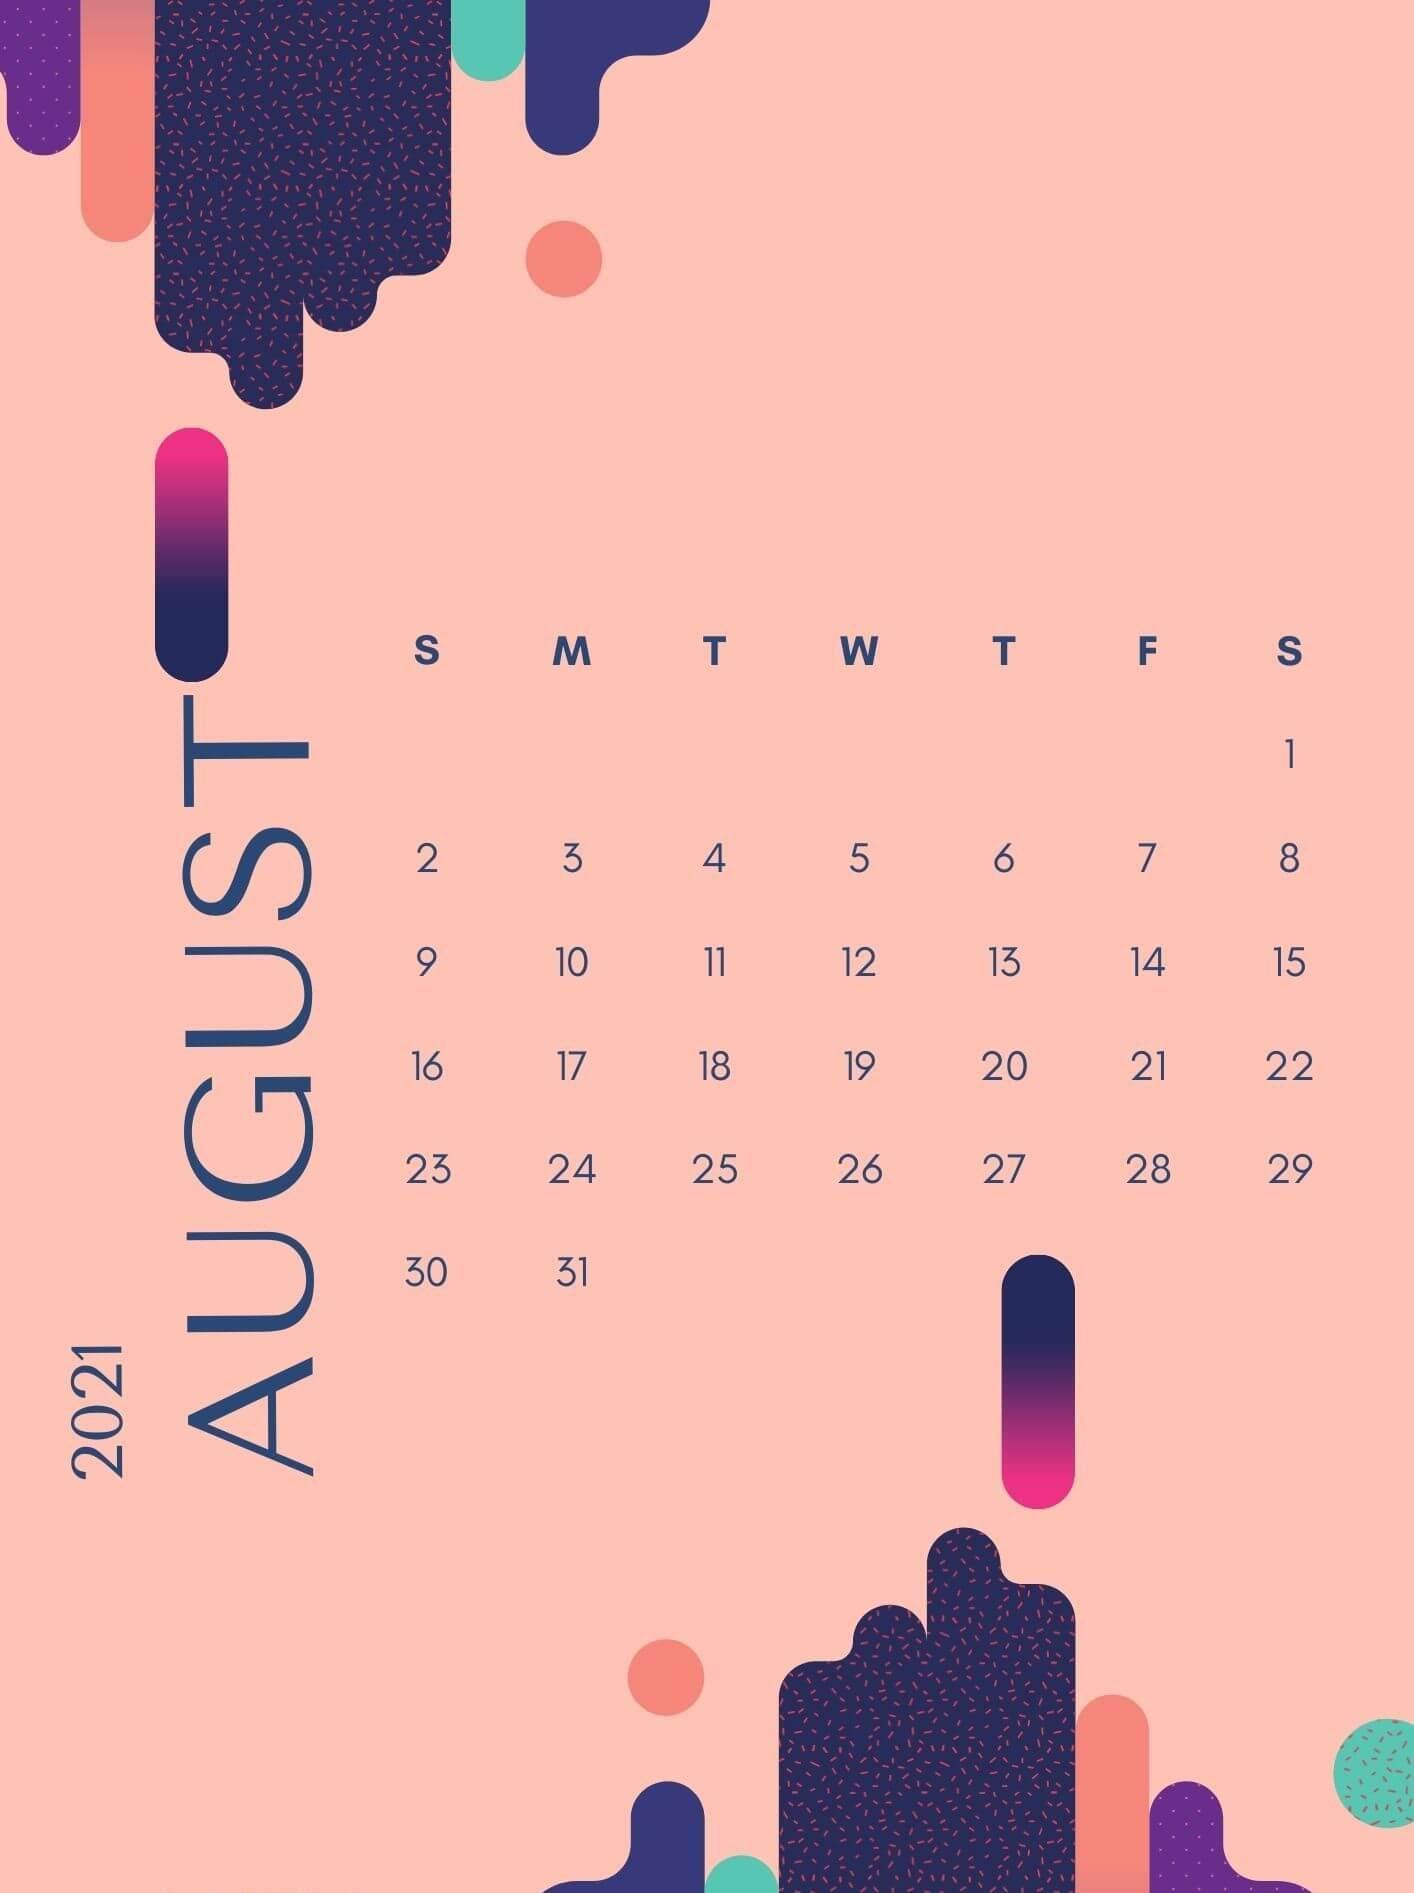 August 2021 iPhone Calendar Wallpaper